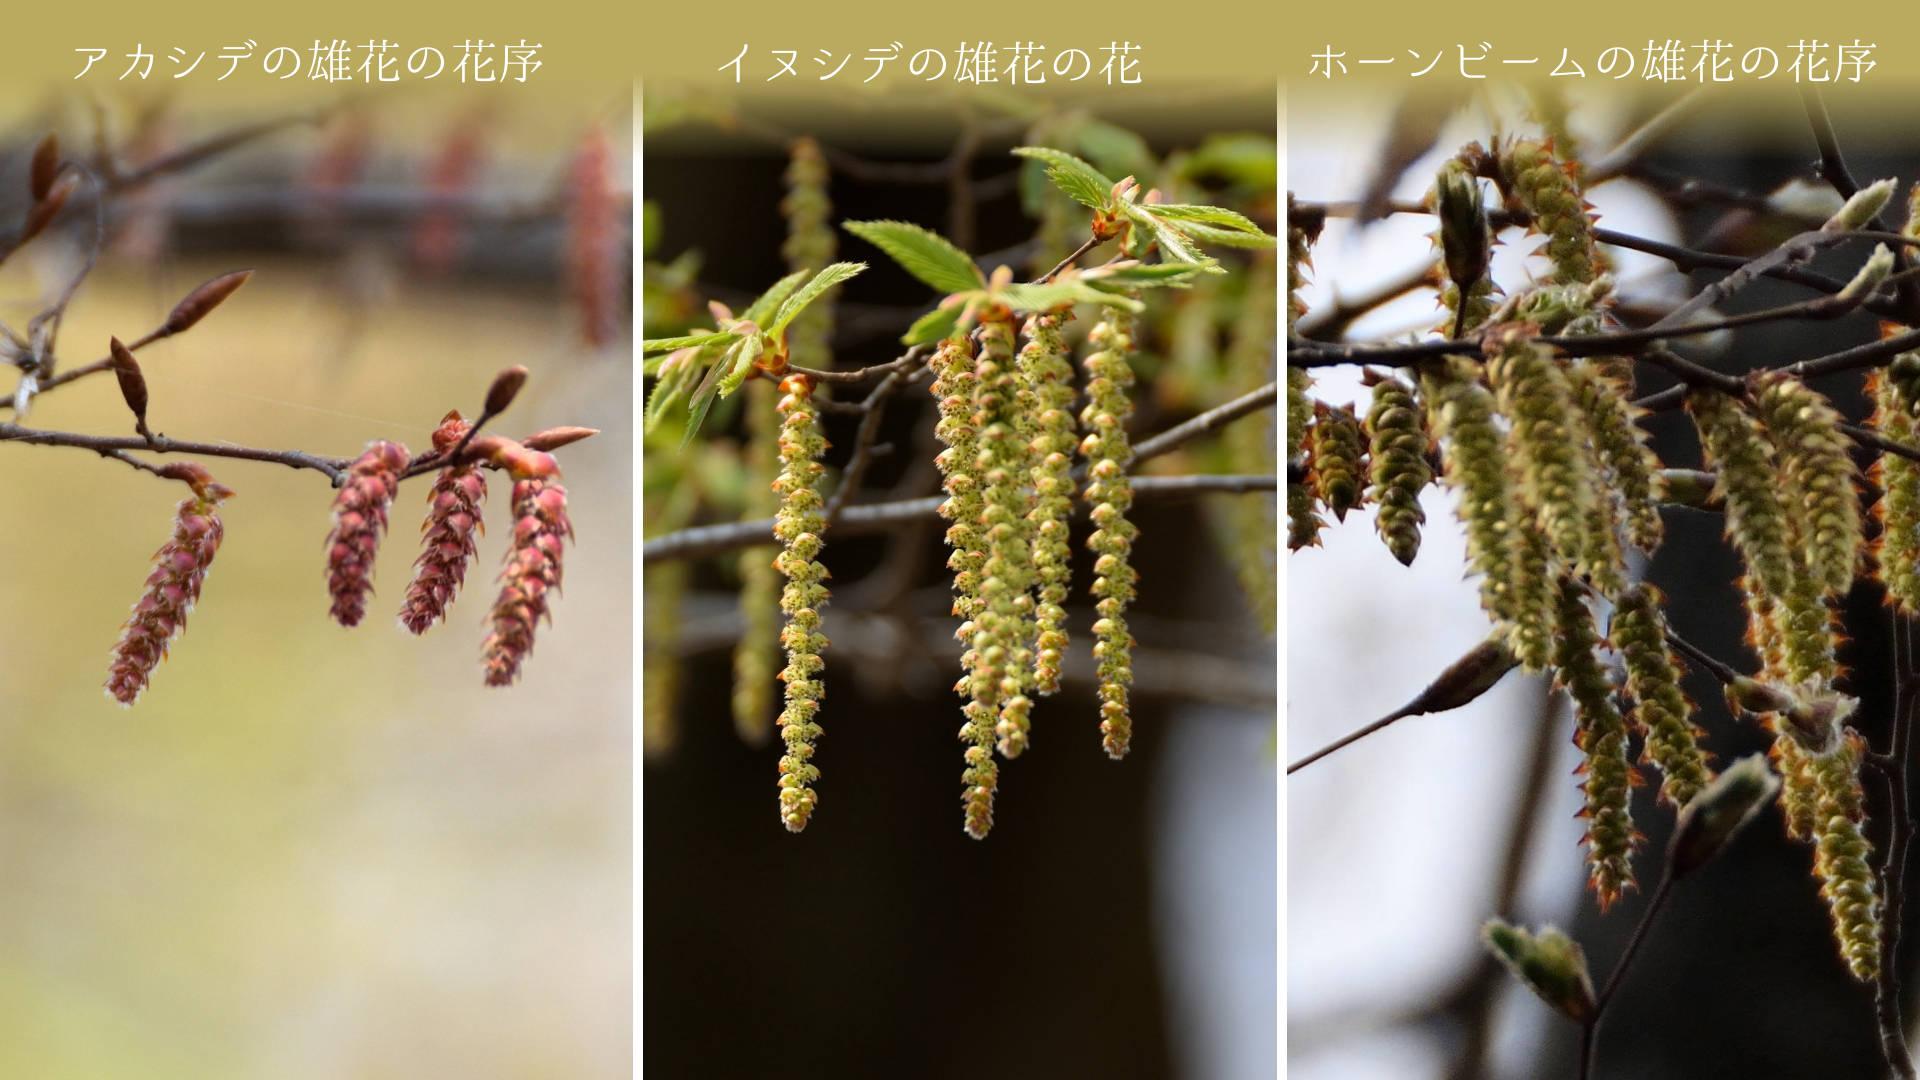 ホーンビームの雄花花序